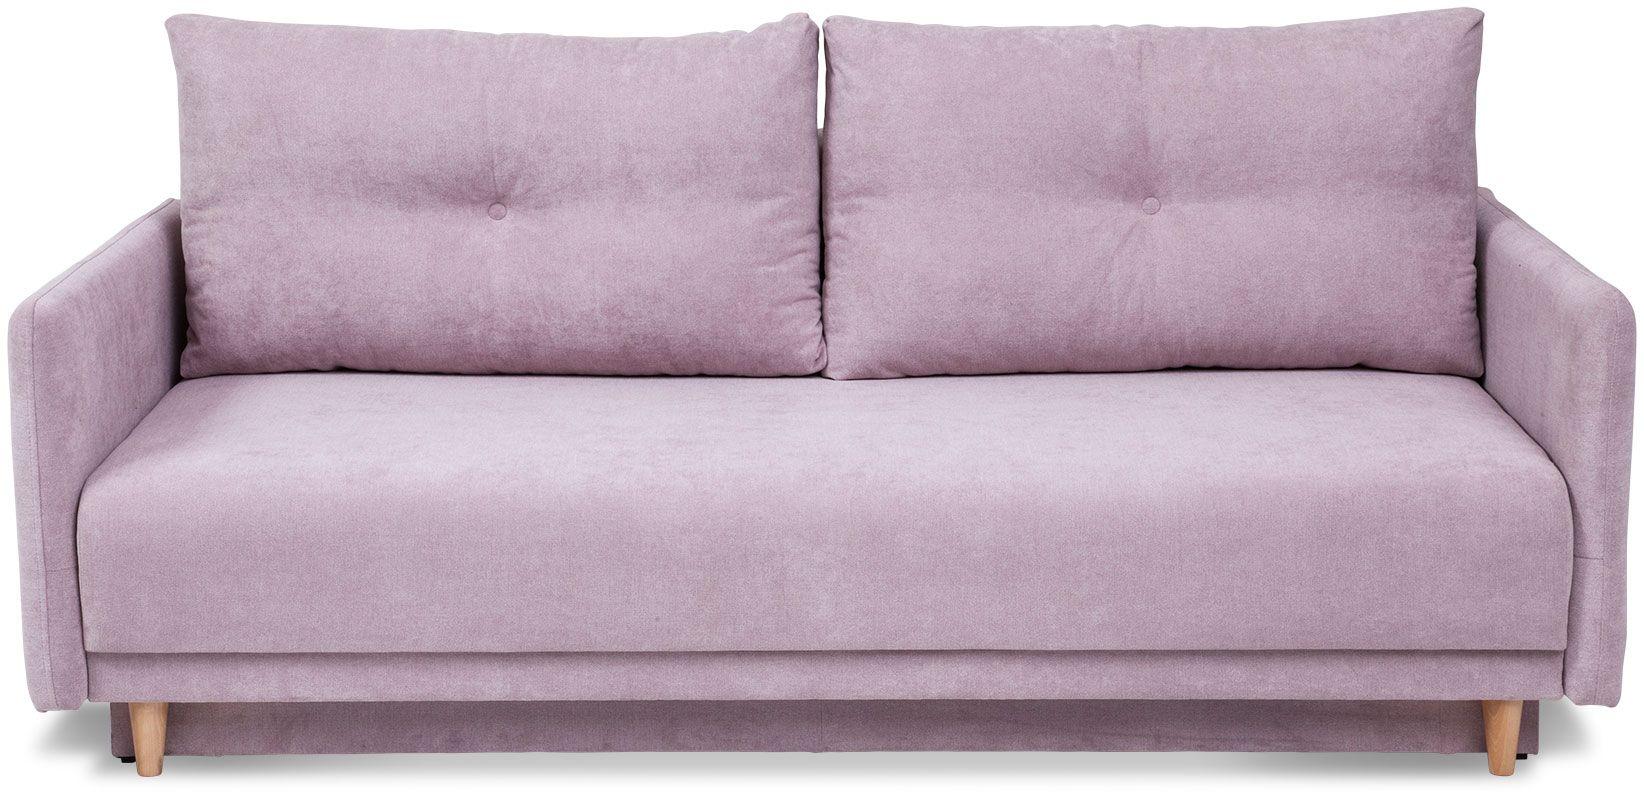 sofa naria 2